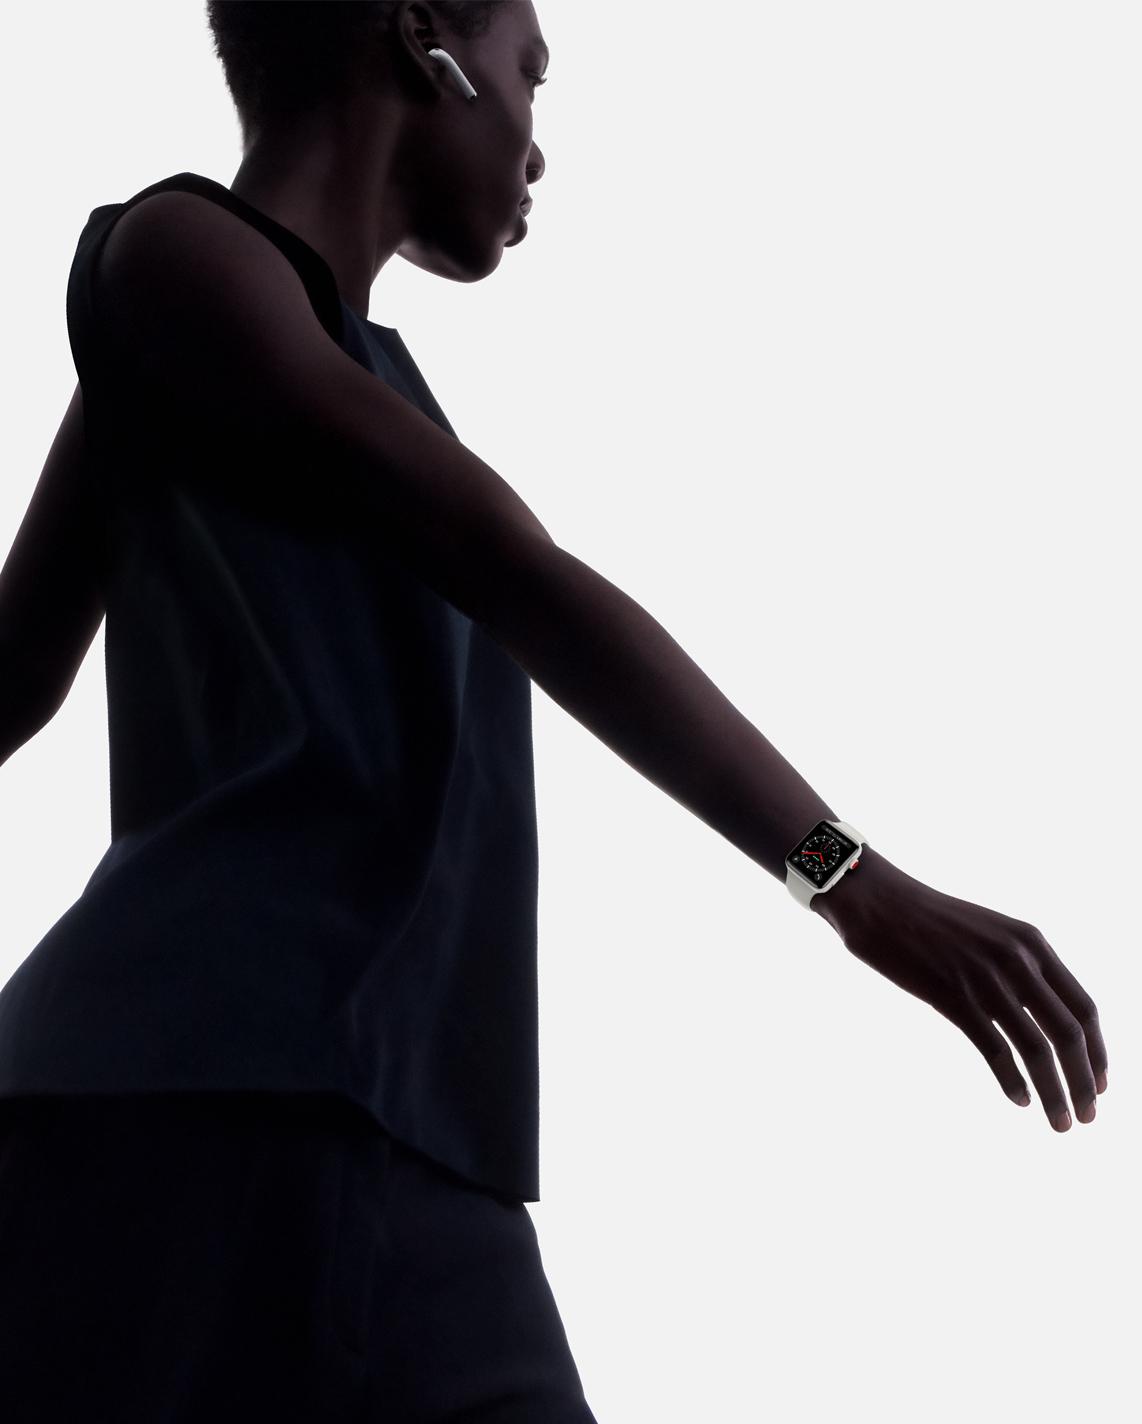 Herrin der Ringe: Unerbittlich protokolliert die Apple Watch das tägliche Bewegungspensum